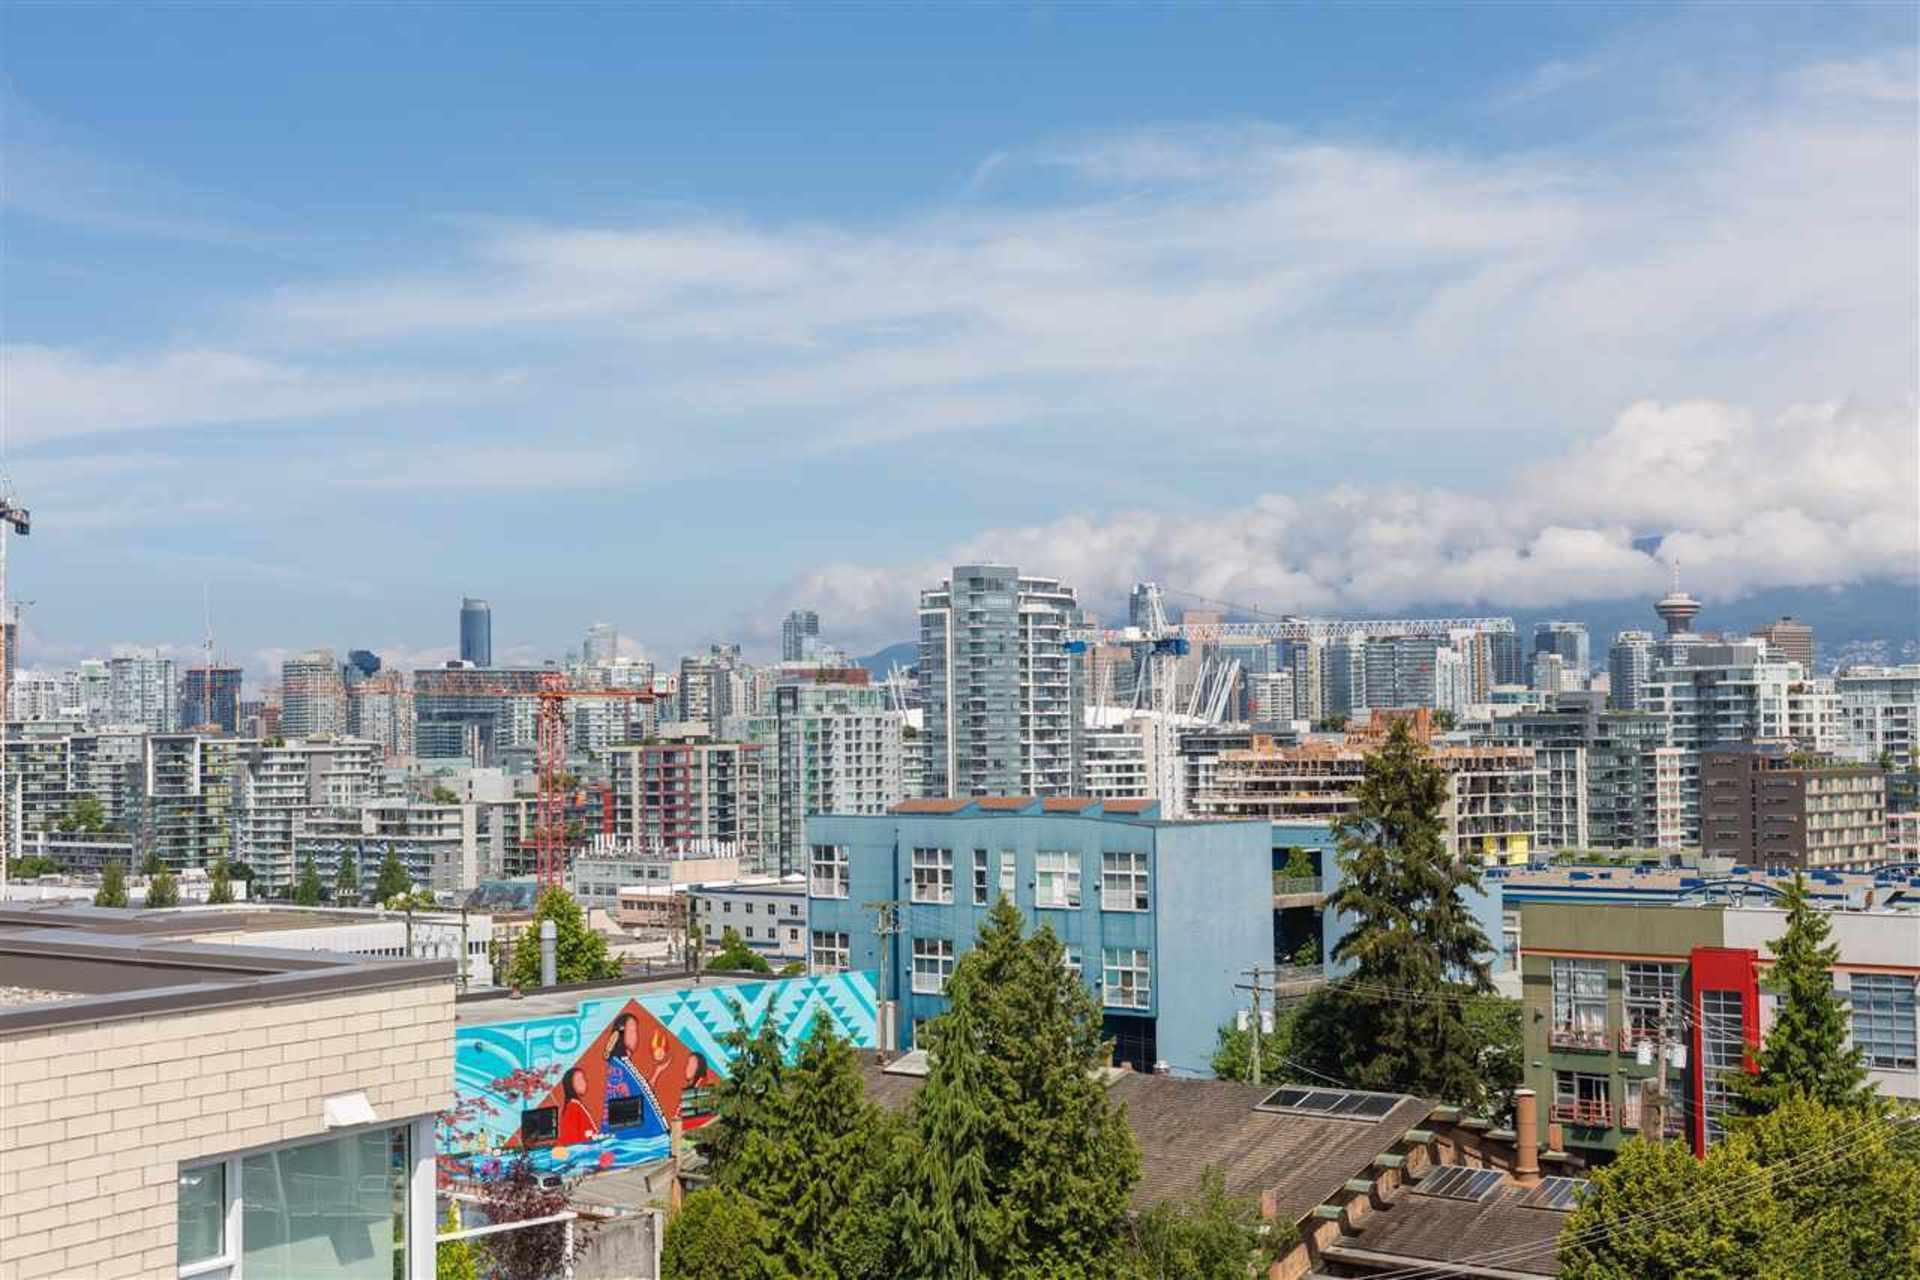 311-e-6th-avenue-mount-pleasant-ve-vancouver-east-26 at 108 - 311 E 6th Avenue, Mount Pleasant VE, Vancouver East